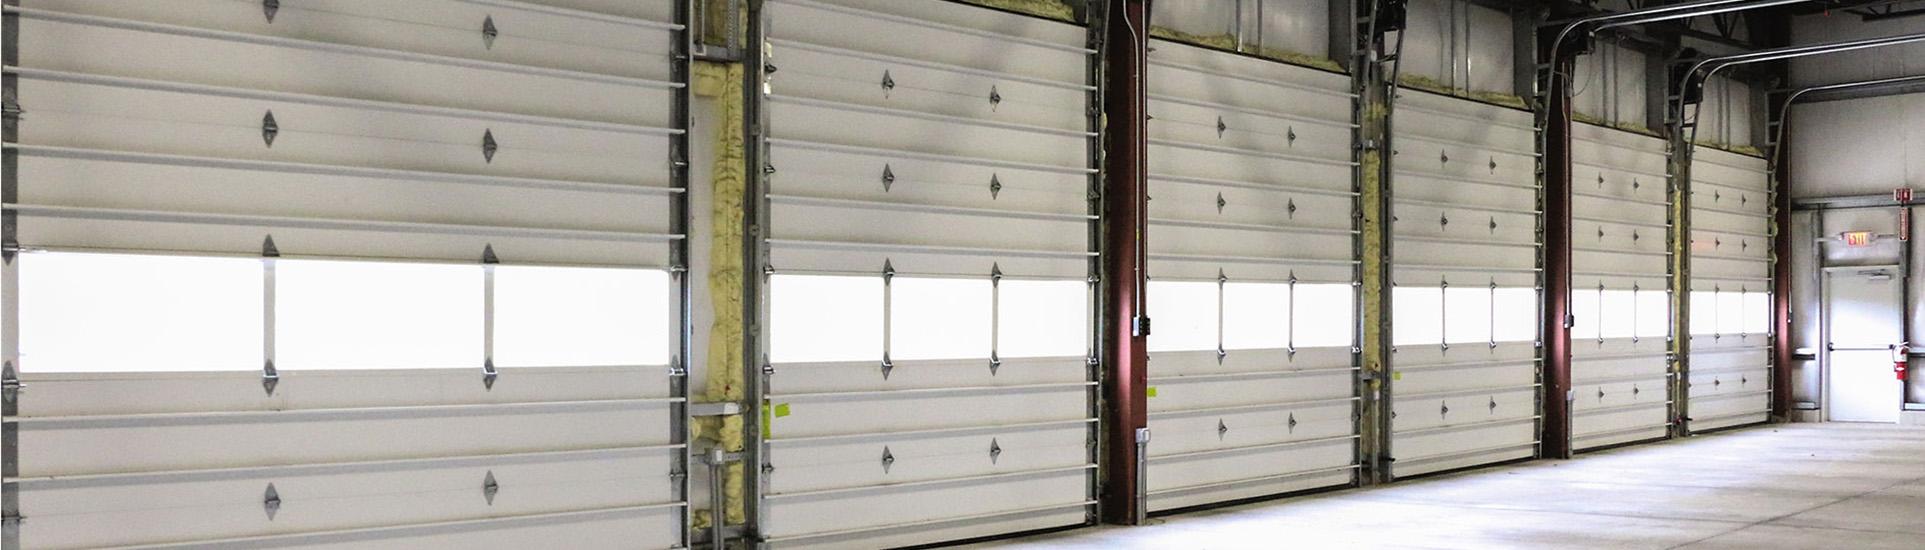 Wayne Dalton Commercial Overhead Doors Lakeland Door Garage Wiring Diagram